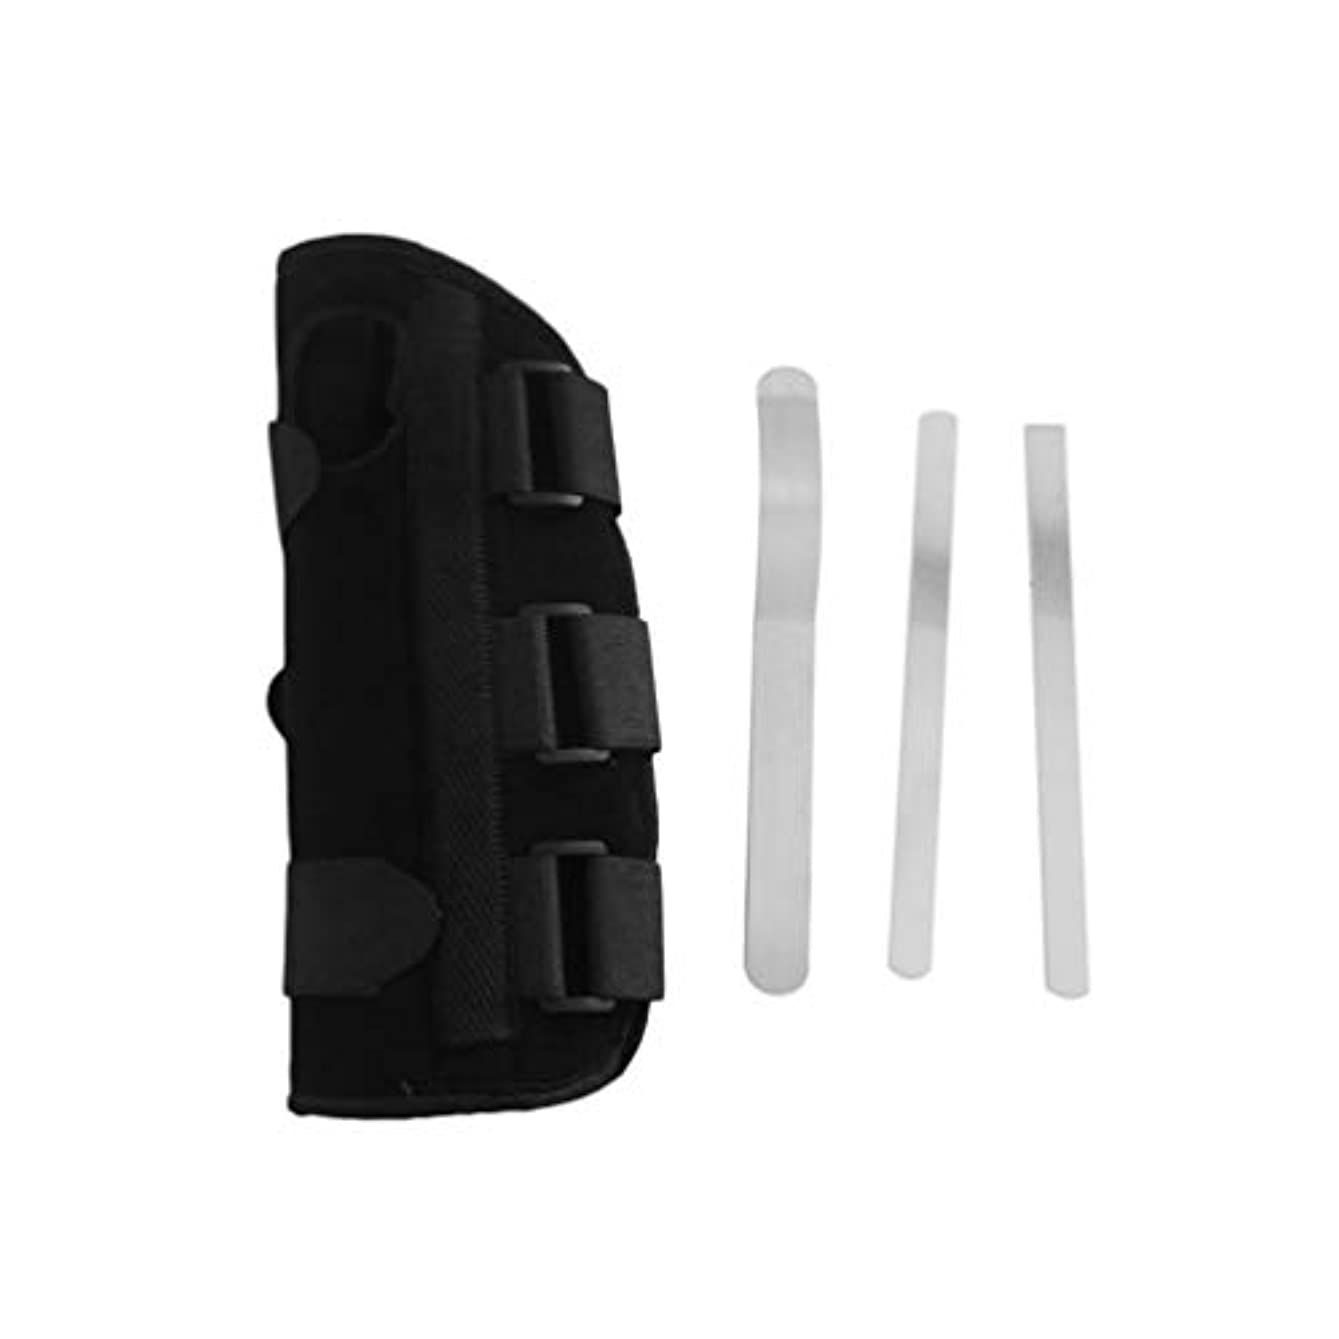 改善改善送信する手首副木ブレース保護サポートストラップカルペルトンネルCTS RSI痛み軽減取り外し可能な副木快適な軽量ストラップ - ブラックS